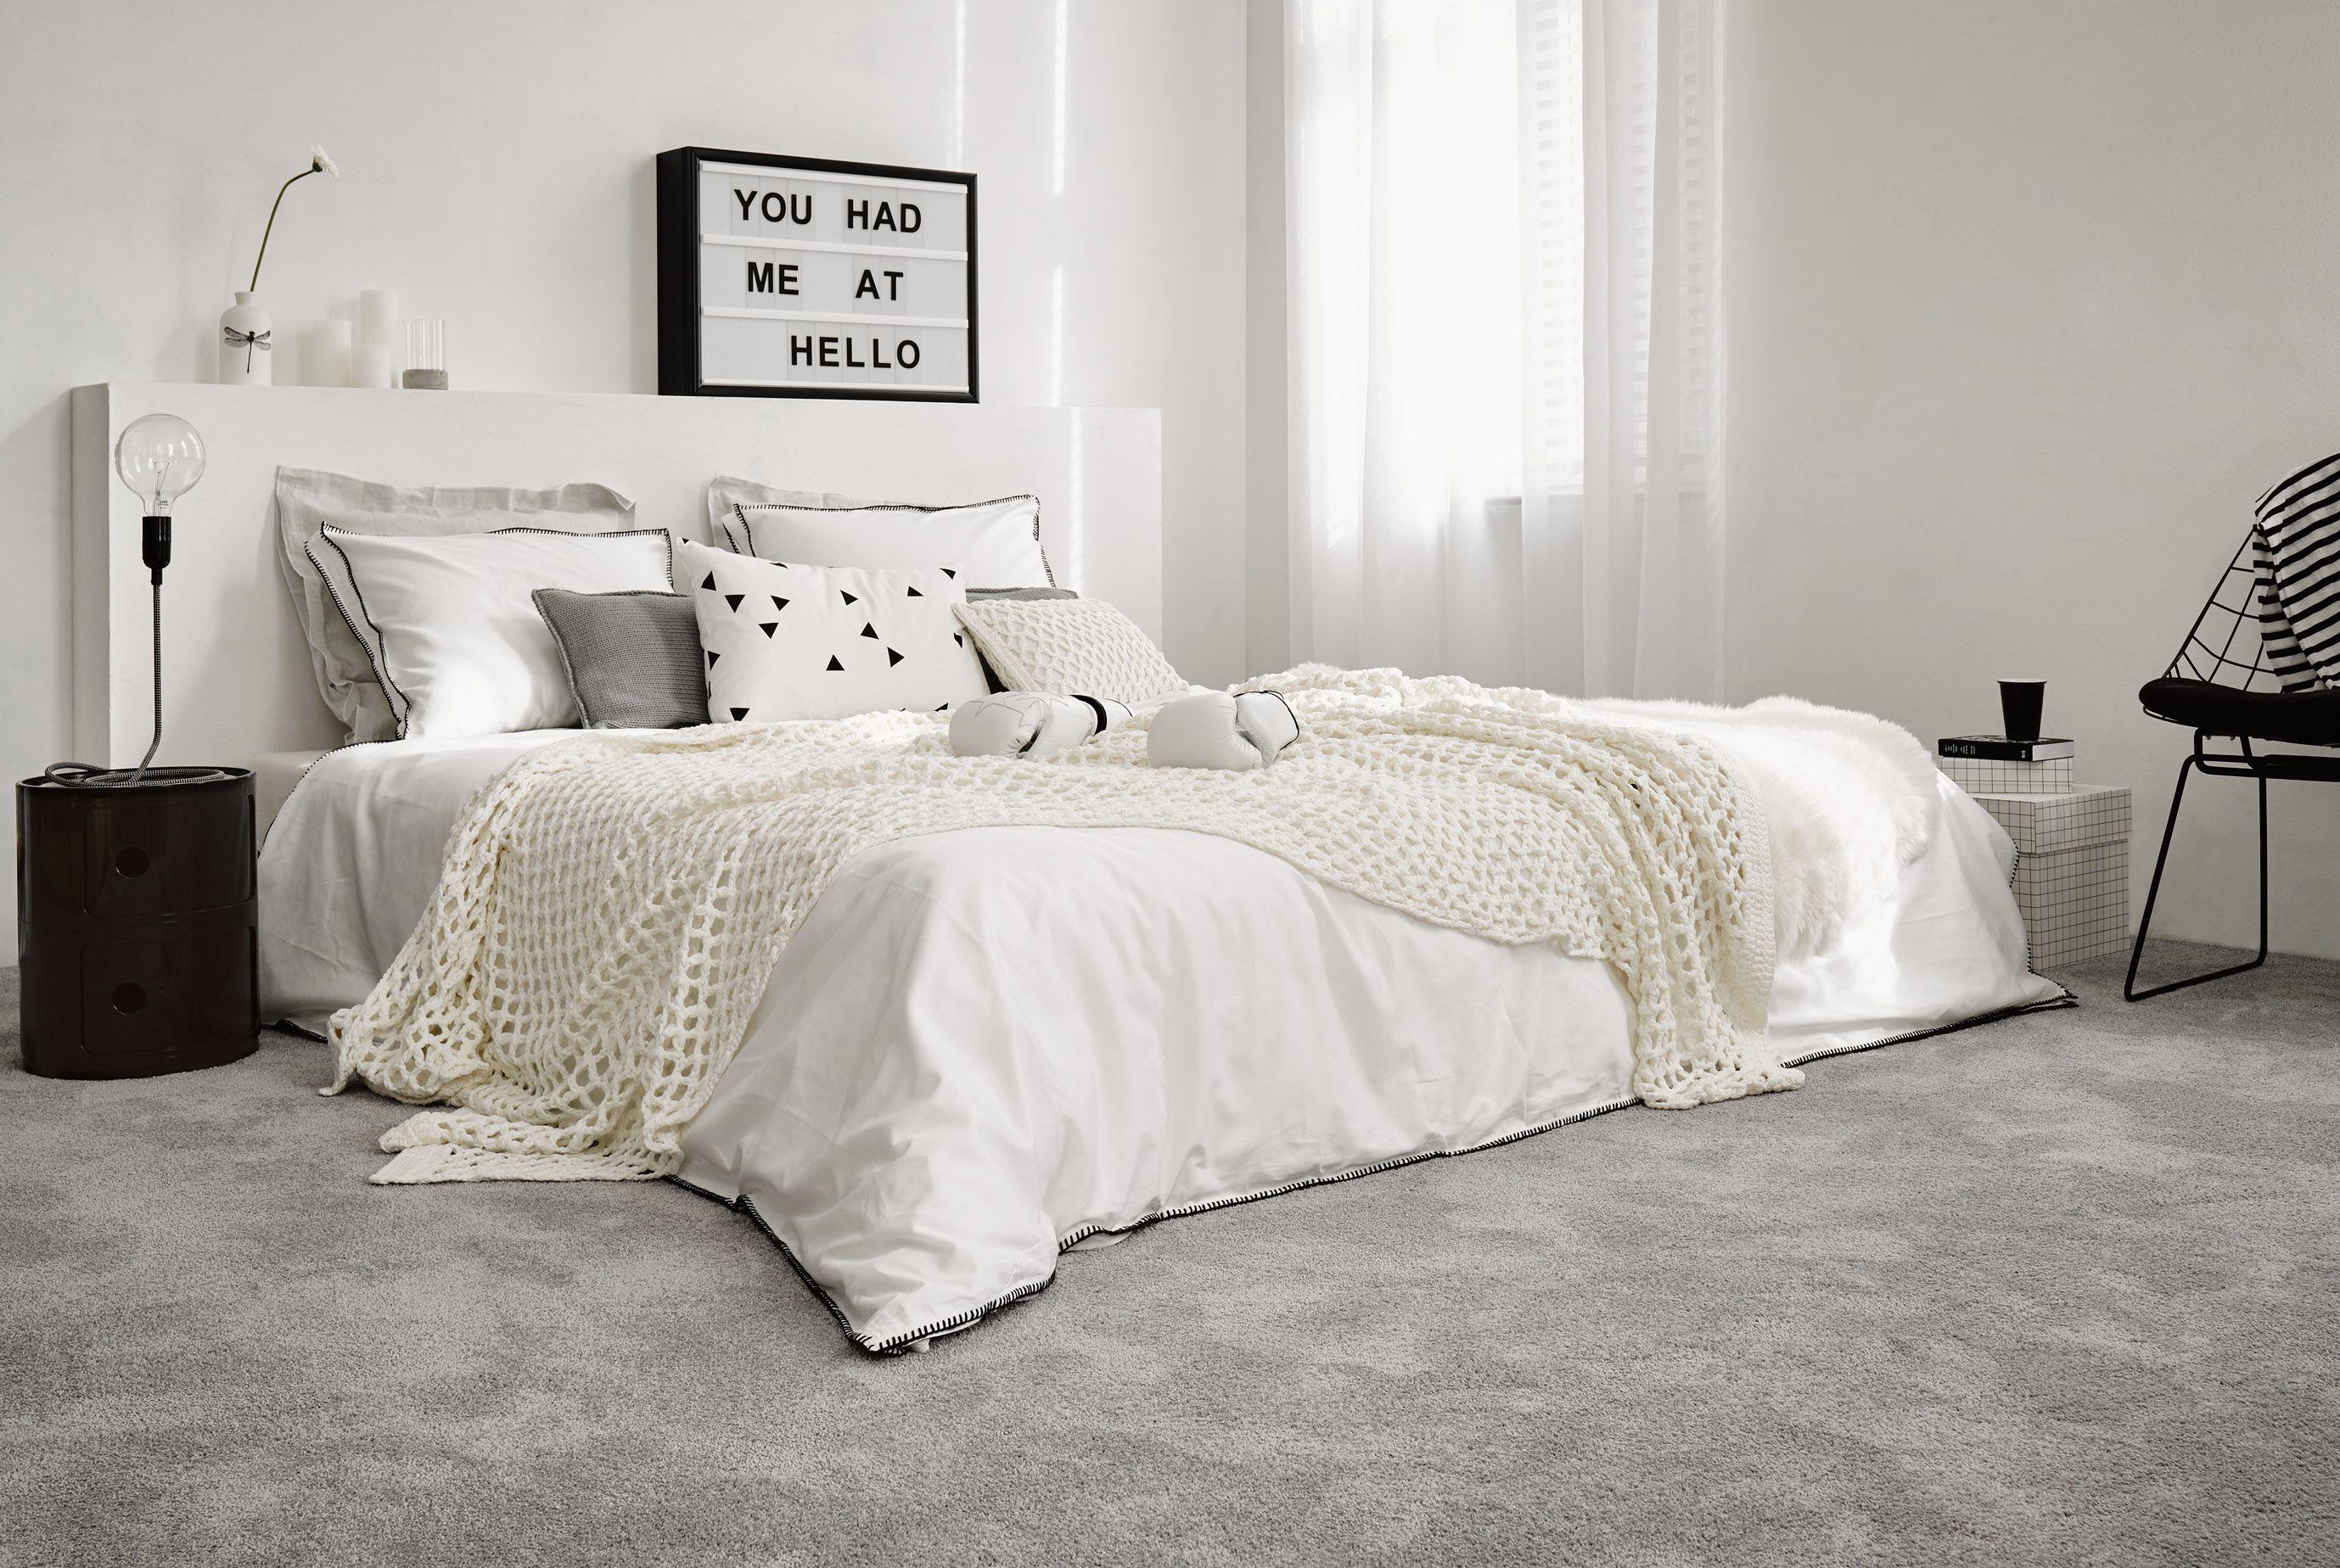 Parade tapijt voor uw slaapkamer. Voor een aangenaam gevoel - Tapijt ...